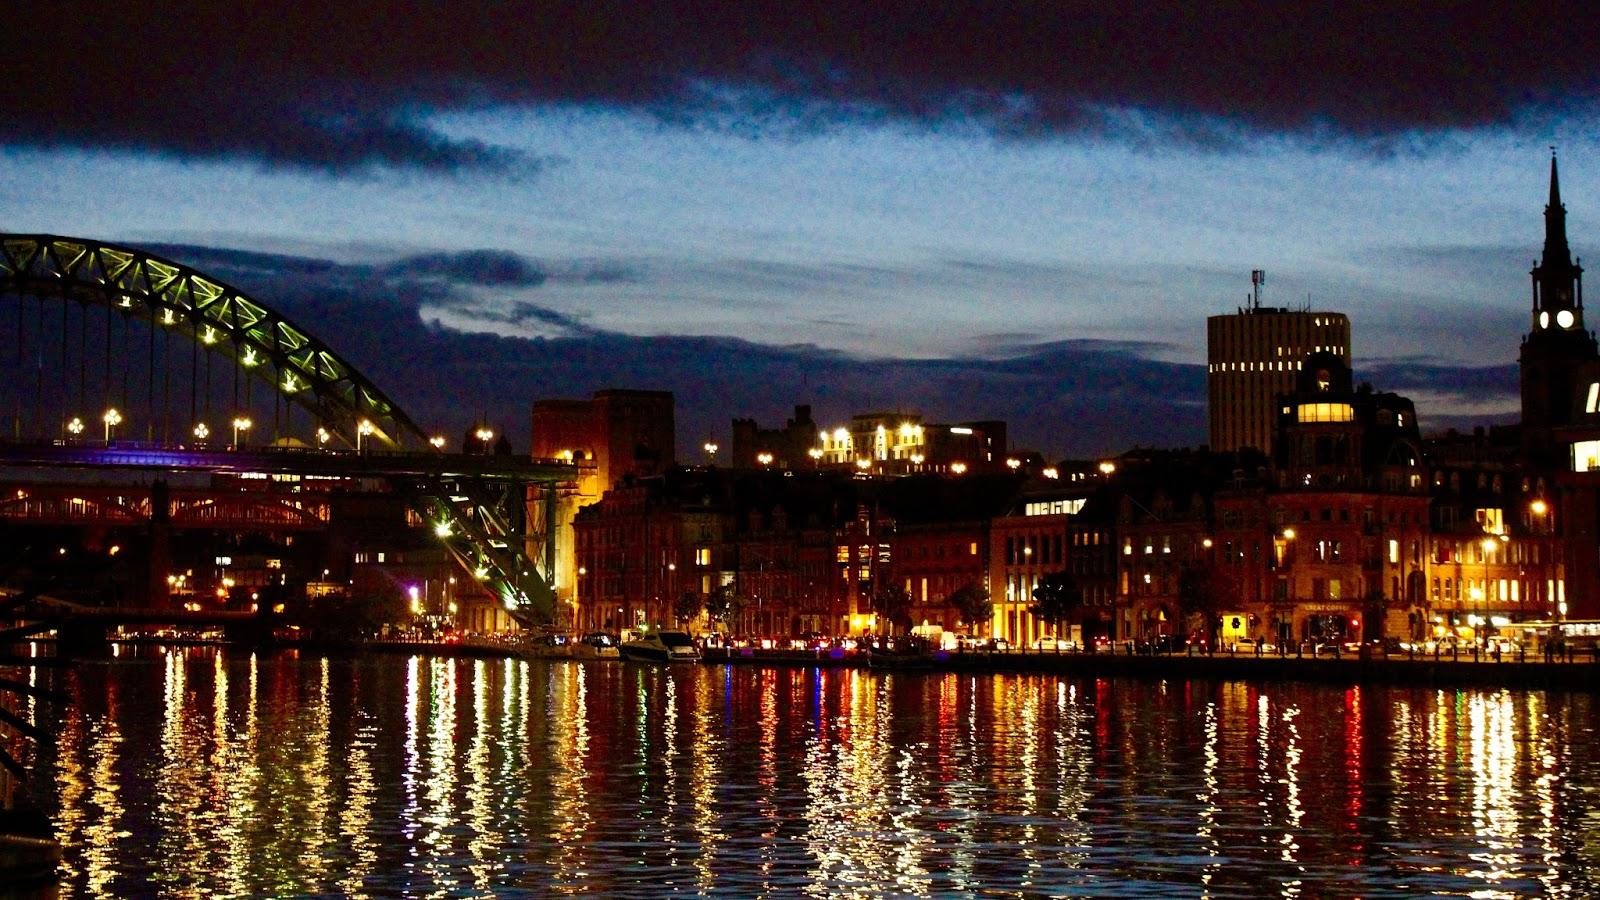 Newcastle After Dark #2